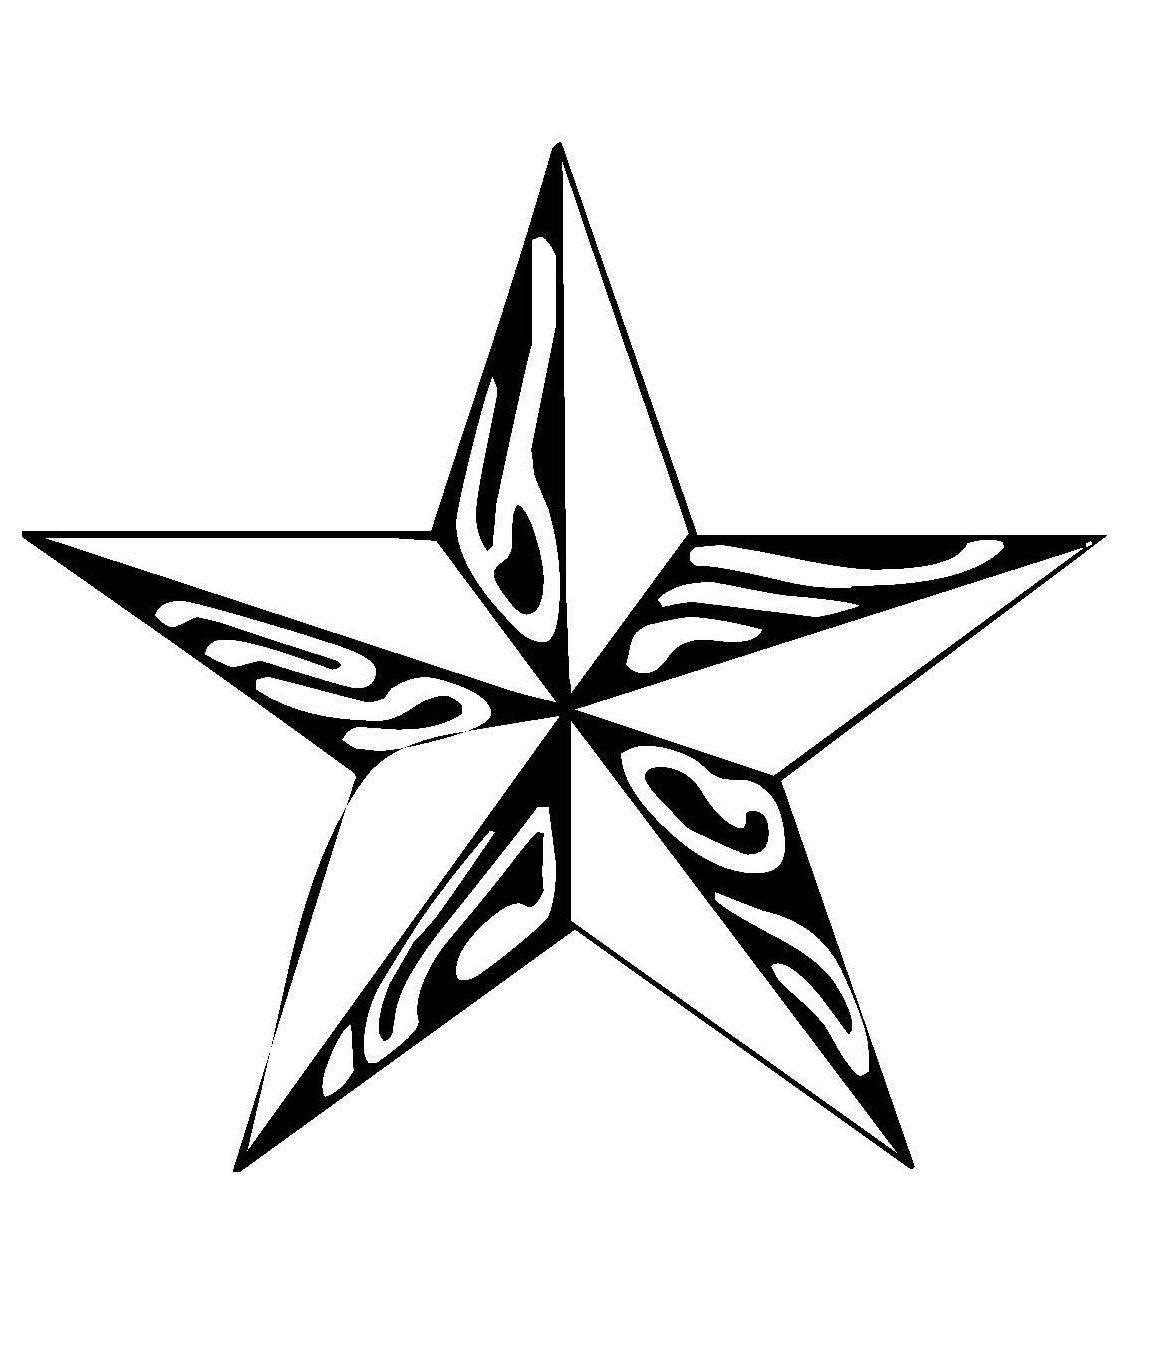 Sterne Ausmalbilder  Kostenlose Malvorlage Schneeflocken und Sterne Stern 6